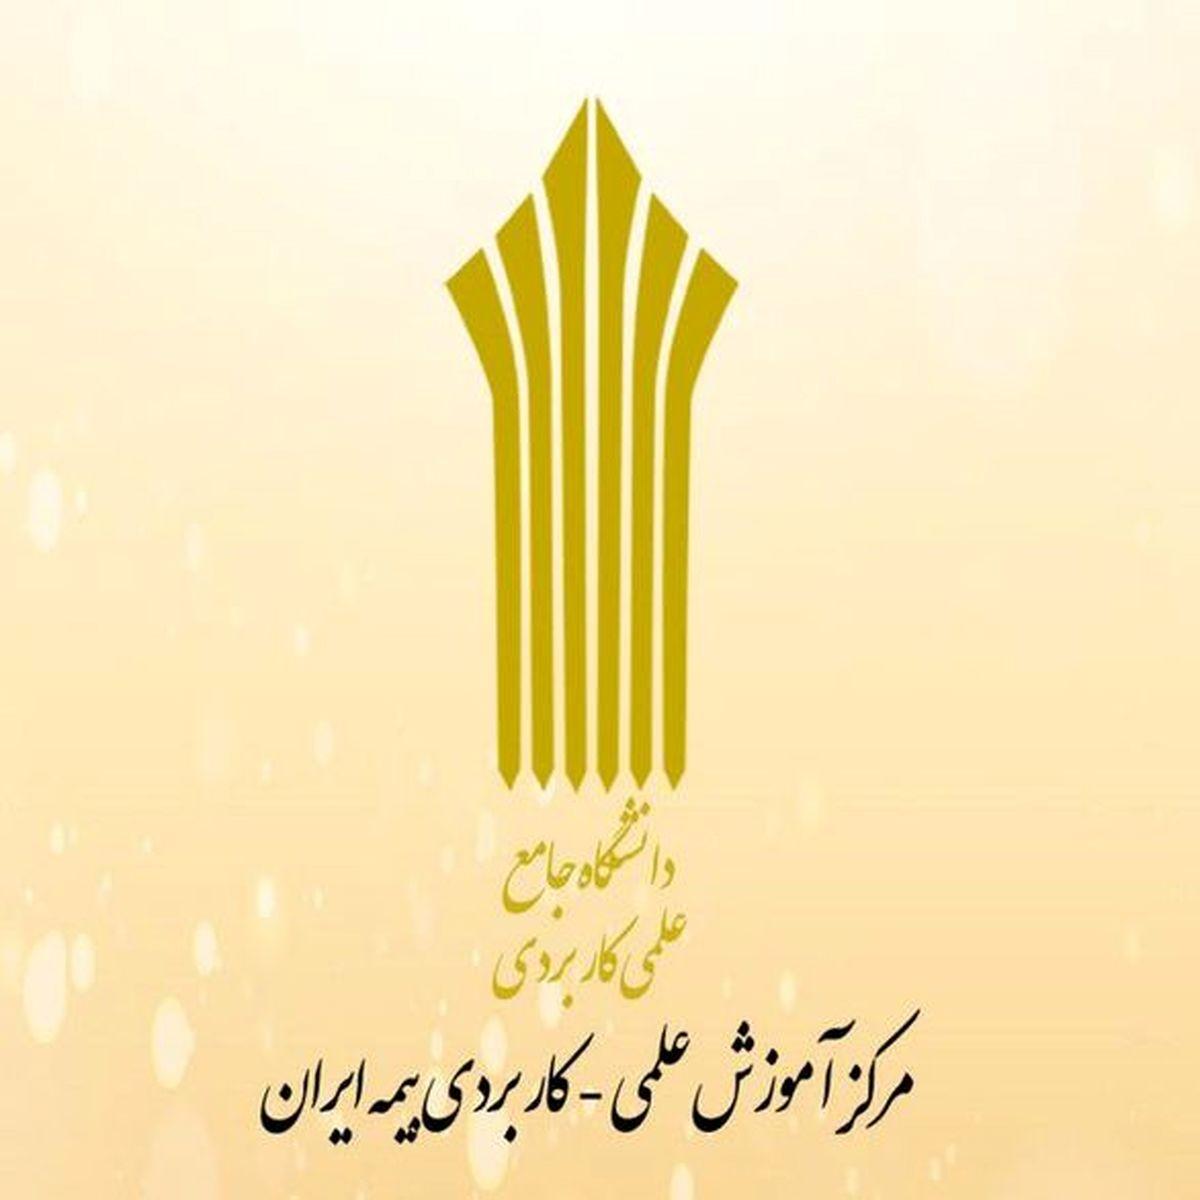 آخرین فرصت پذیرش دانشجو در دوره های کاردانی و کارشناسی مرکز آموزش بیمه ایران